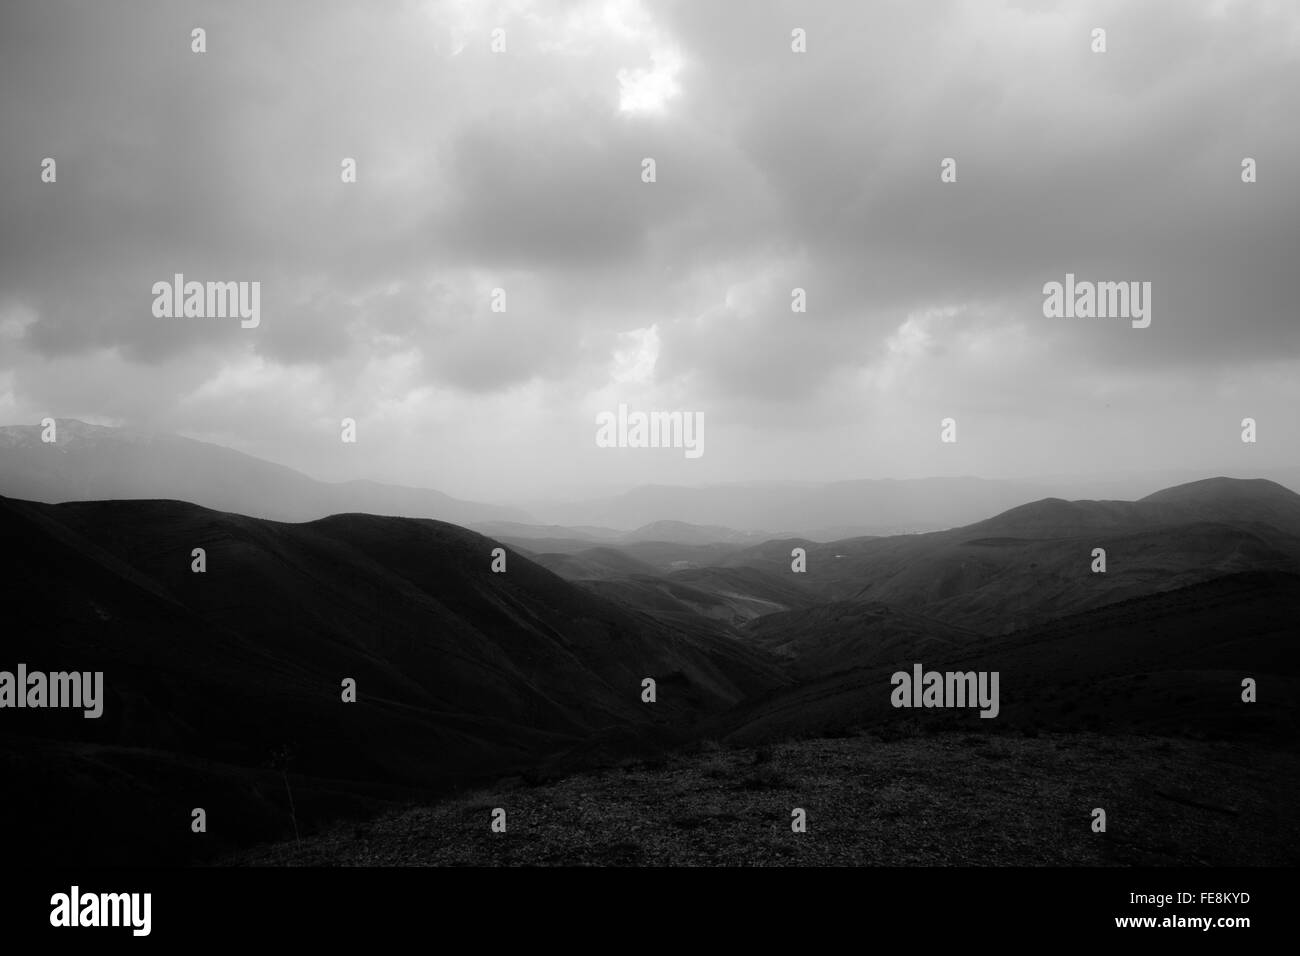 Mountain Range Landscape Against Overcast Sky - Stock Image